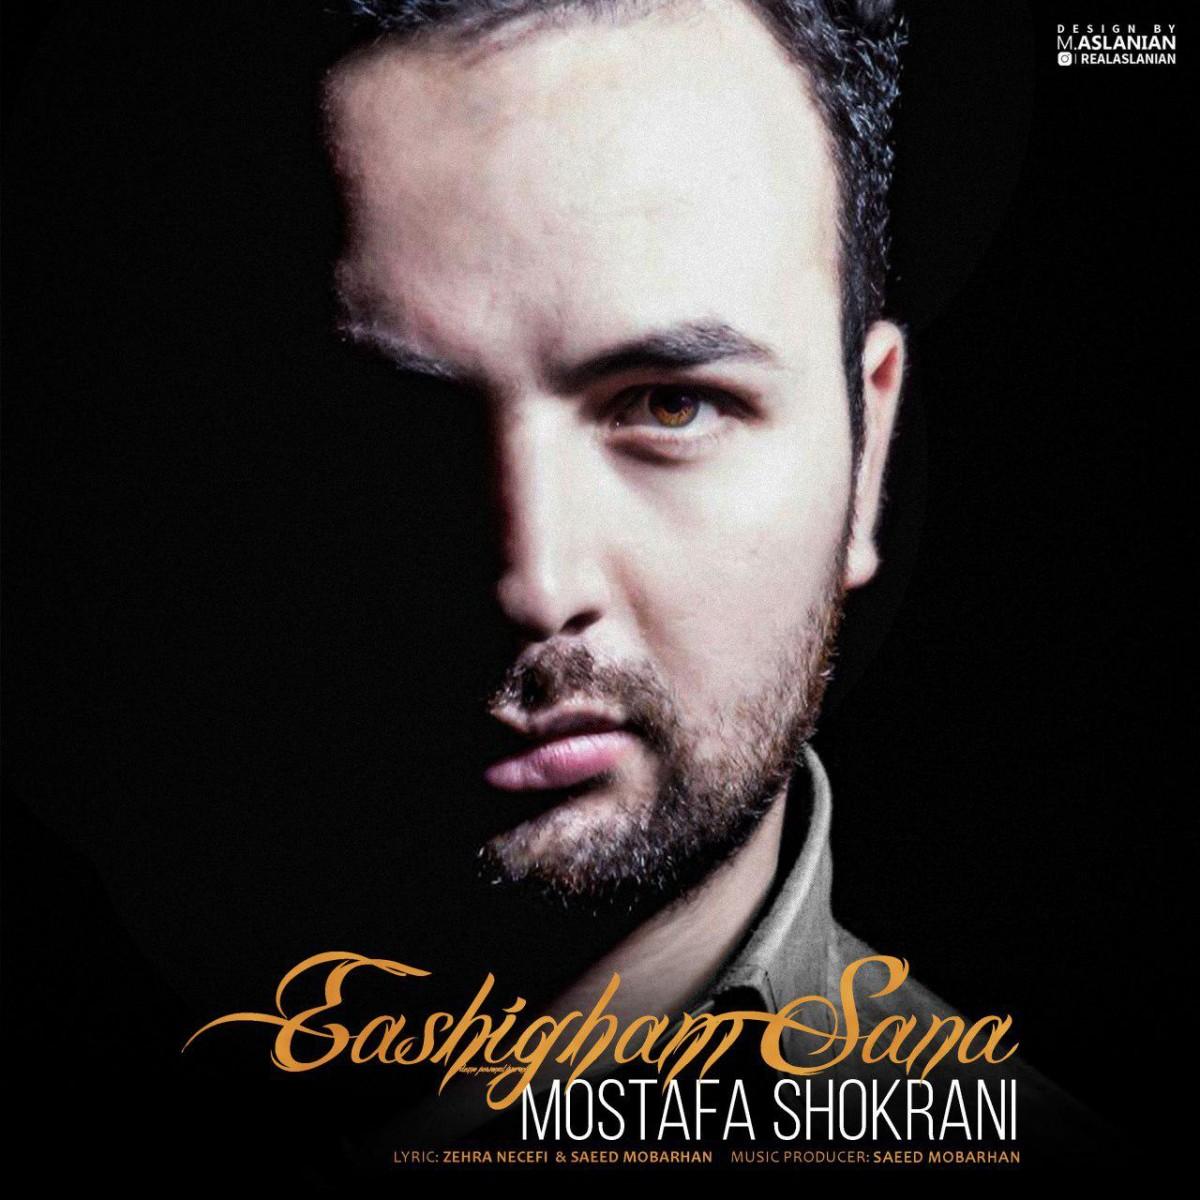 نامبر وان موزیک | دانلود آهنگ جدید Mostafa-Shokrani-Ashigham-Sana